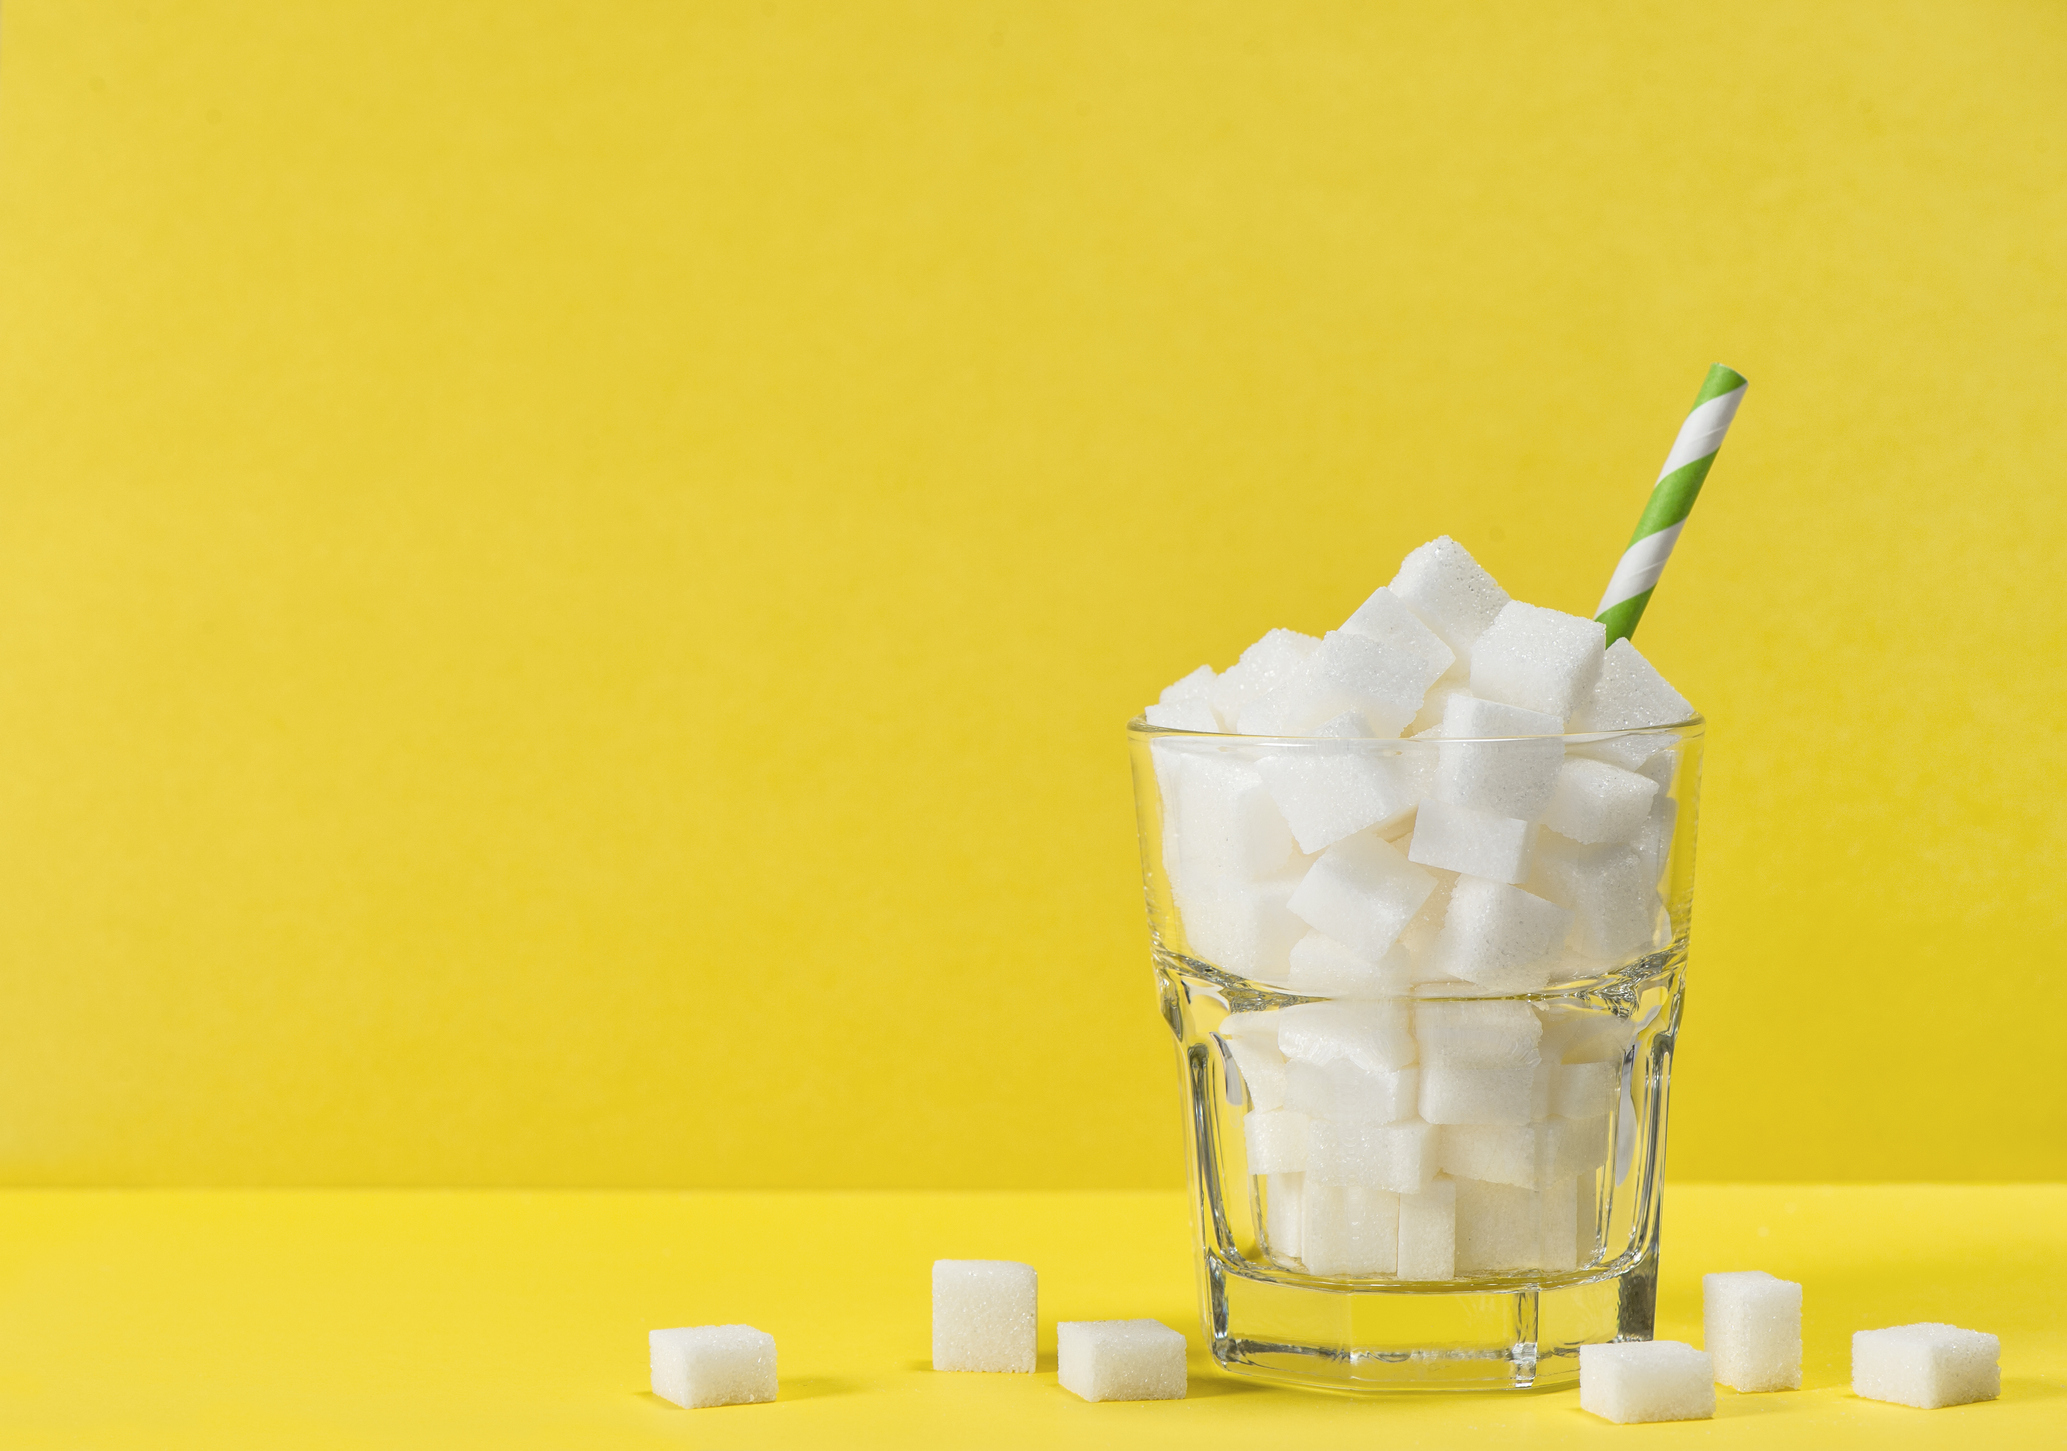 As crianças adoram doces, porém, a quantidade de açúcar presente neles, se ingeridas em grandes quantidades, podem gerar problemas sérios para a saúde.